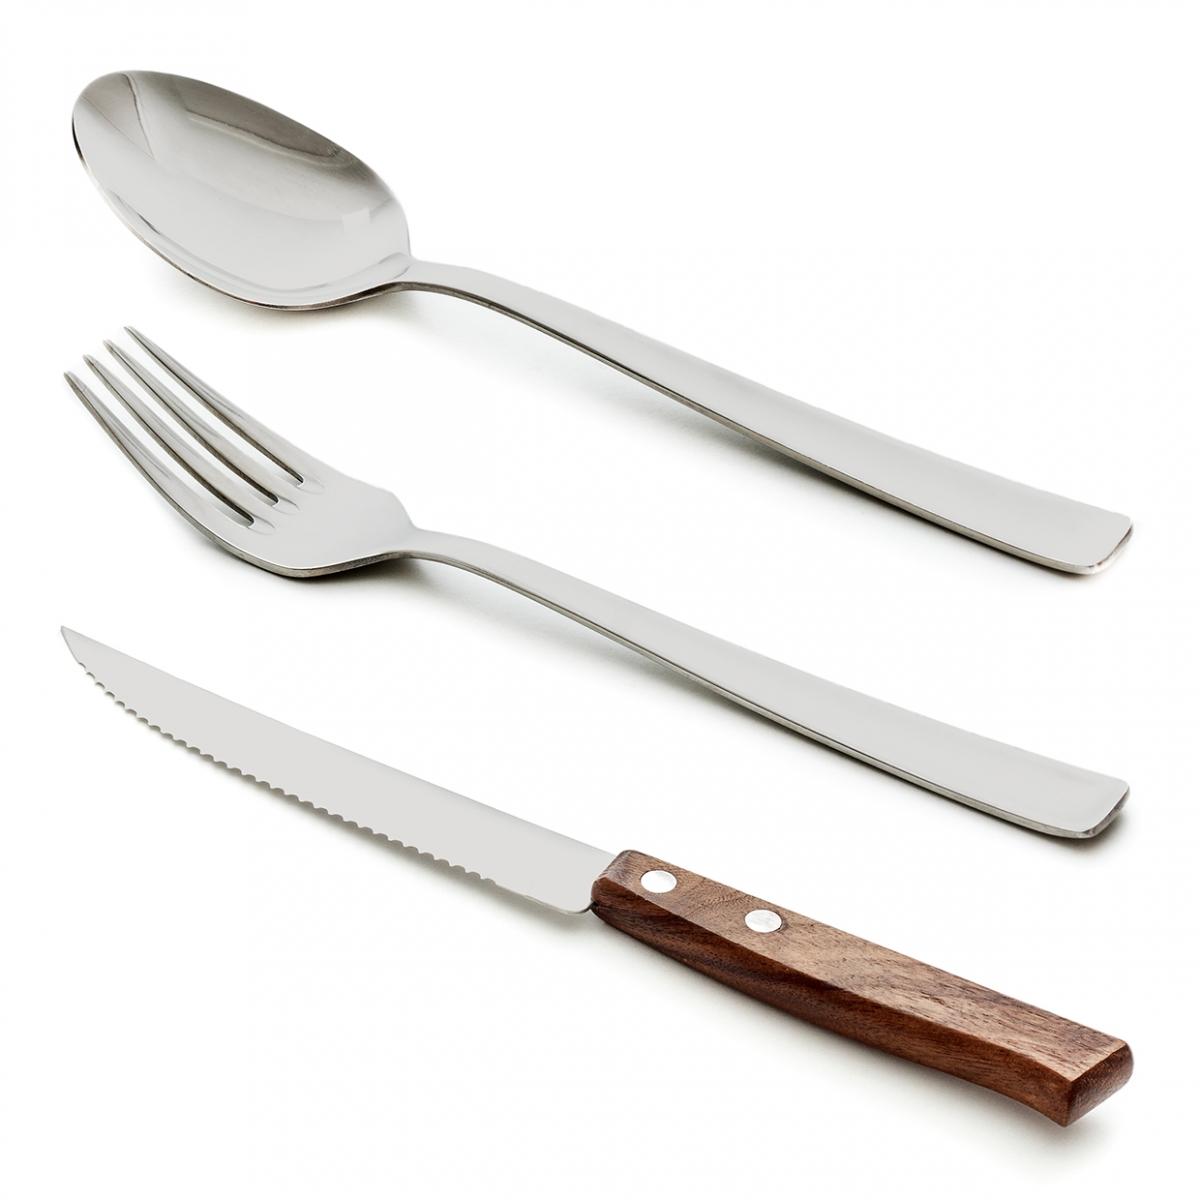 Imagen en la que se ven tres cubiertos: una cuchara, un tenedor y un cuchillo